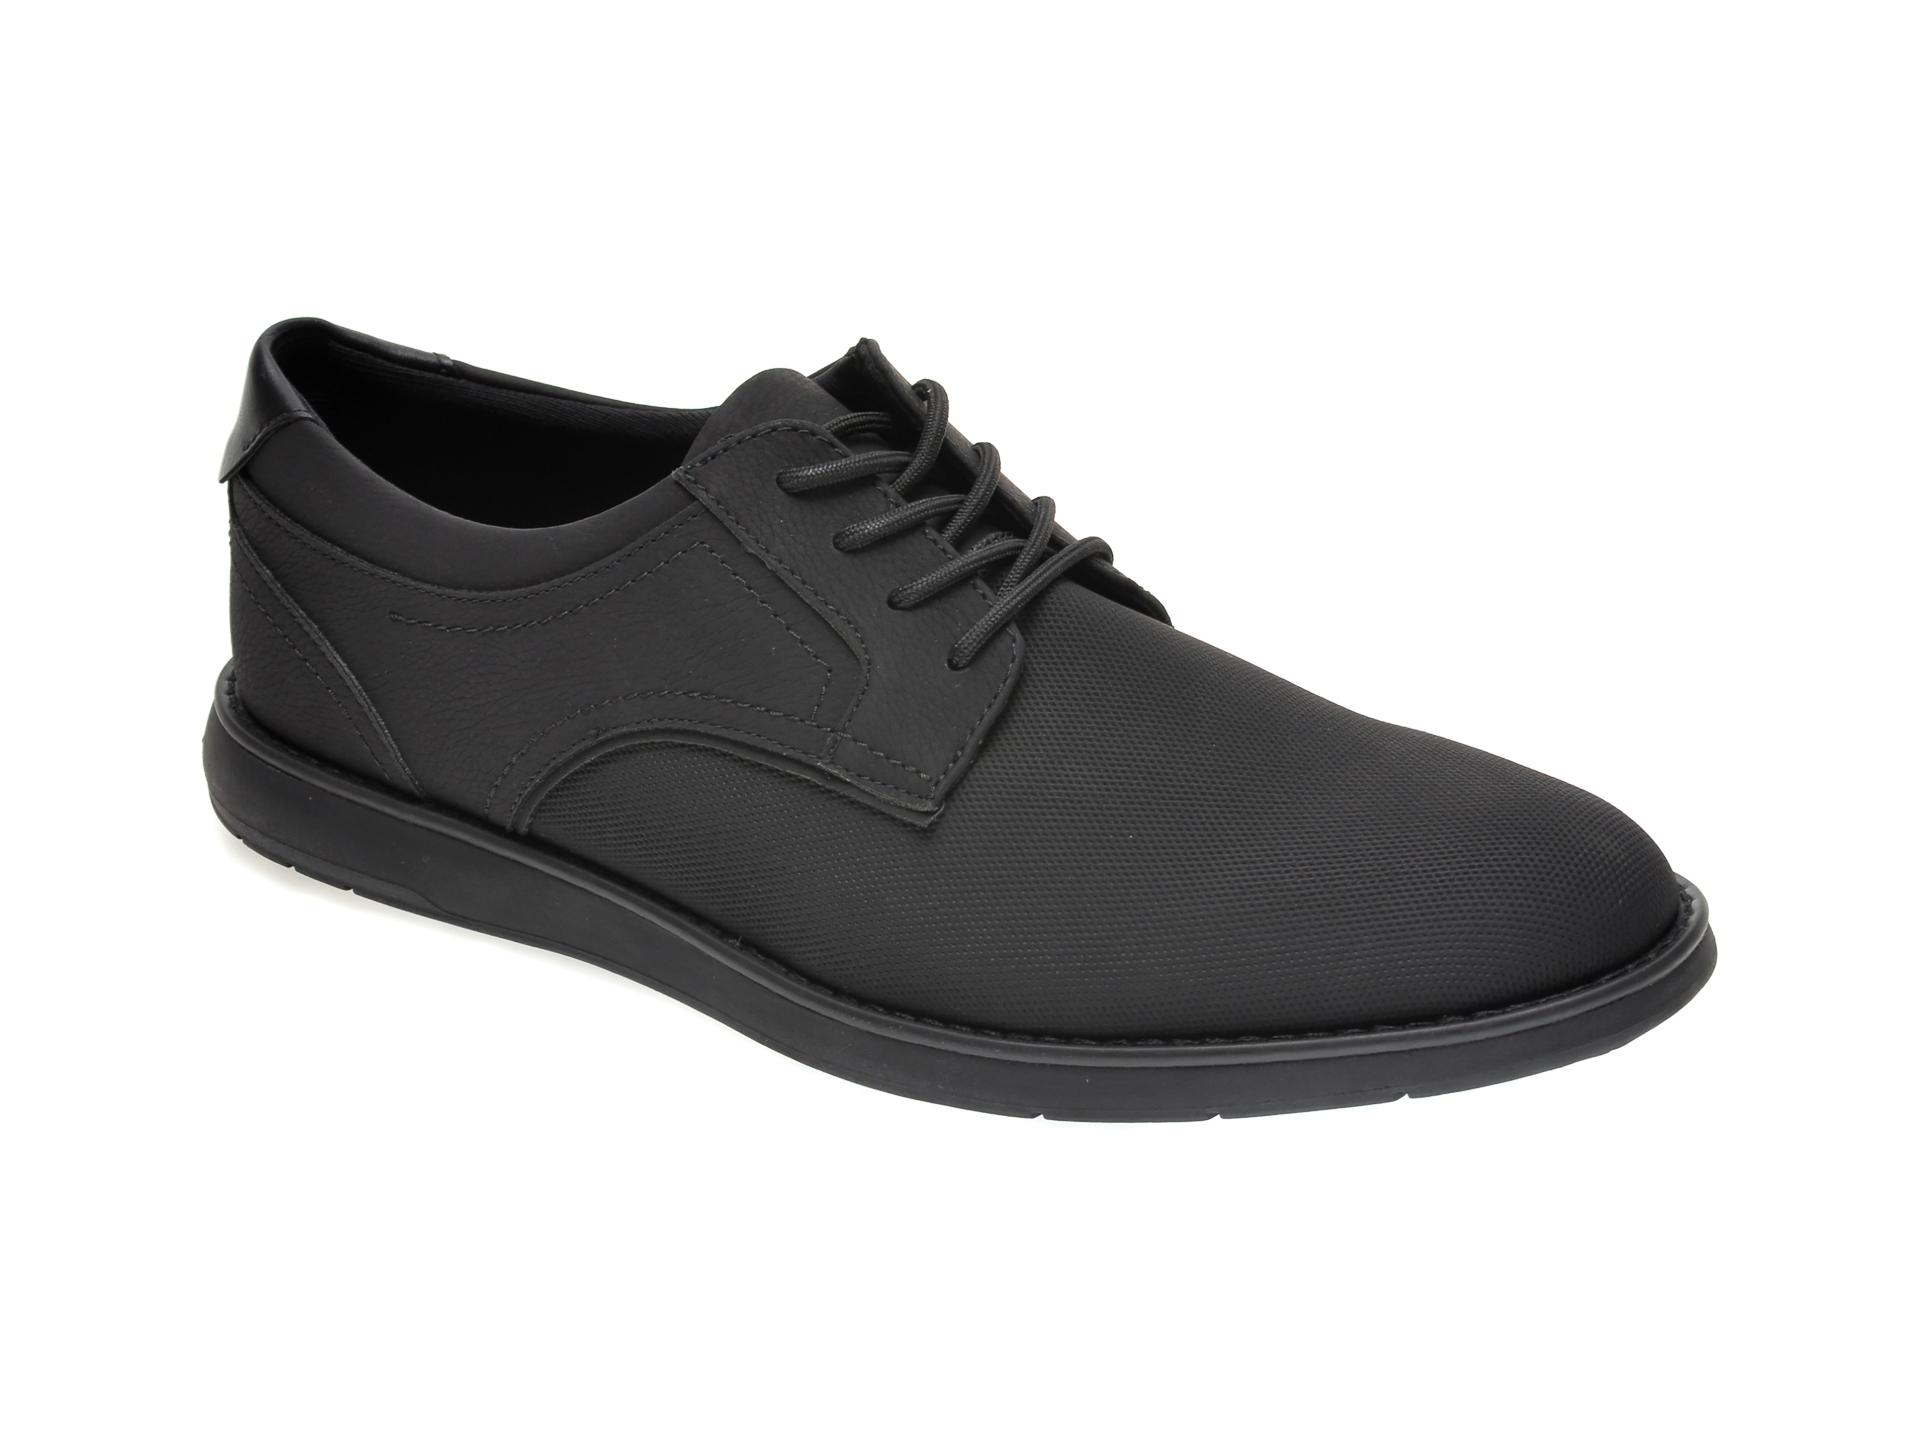 Pantofi ALDO negri, Audanneflex004, din piele ecologica imagine